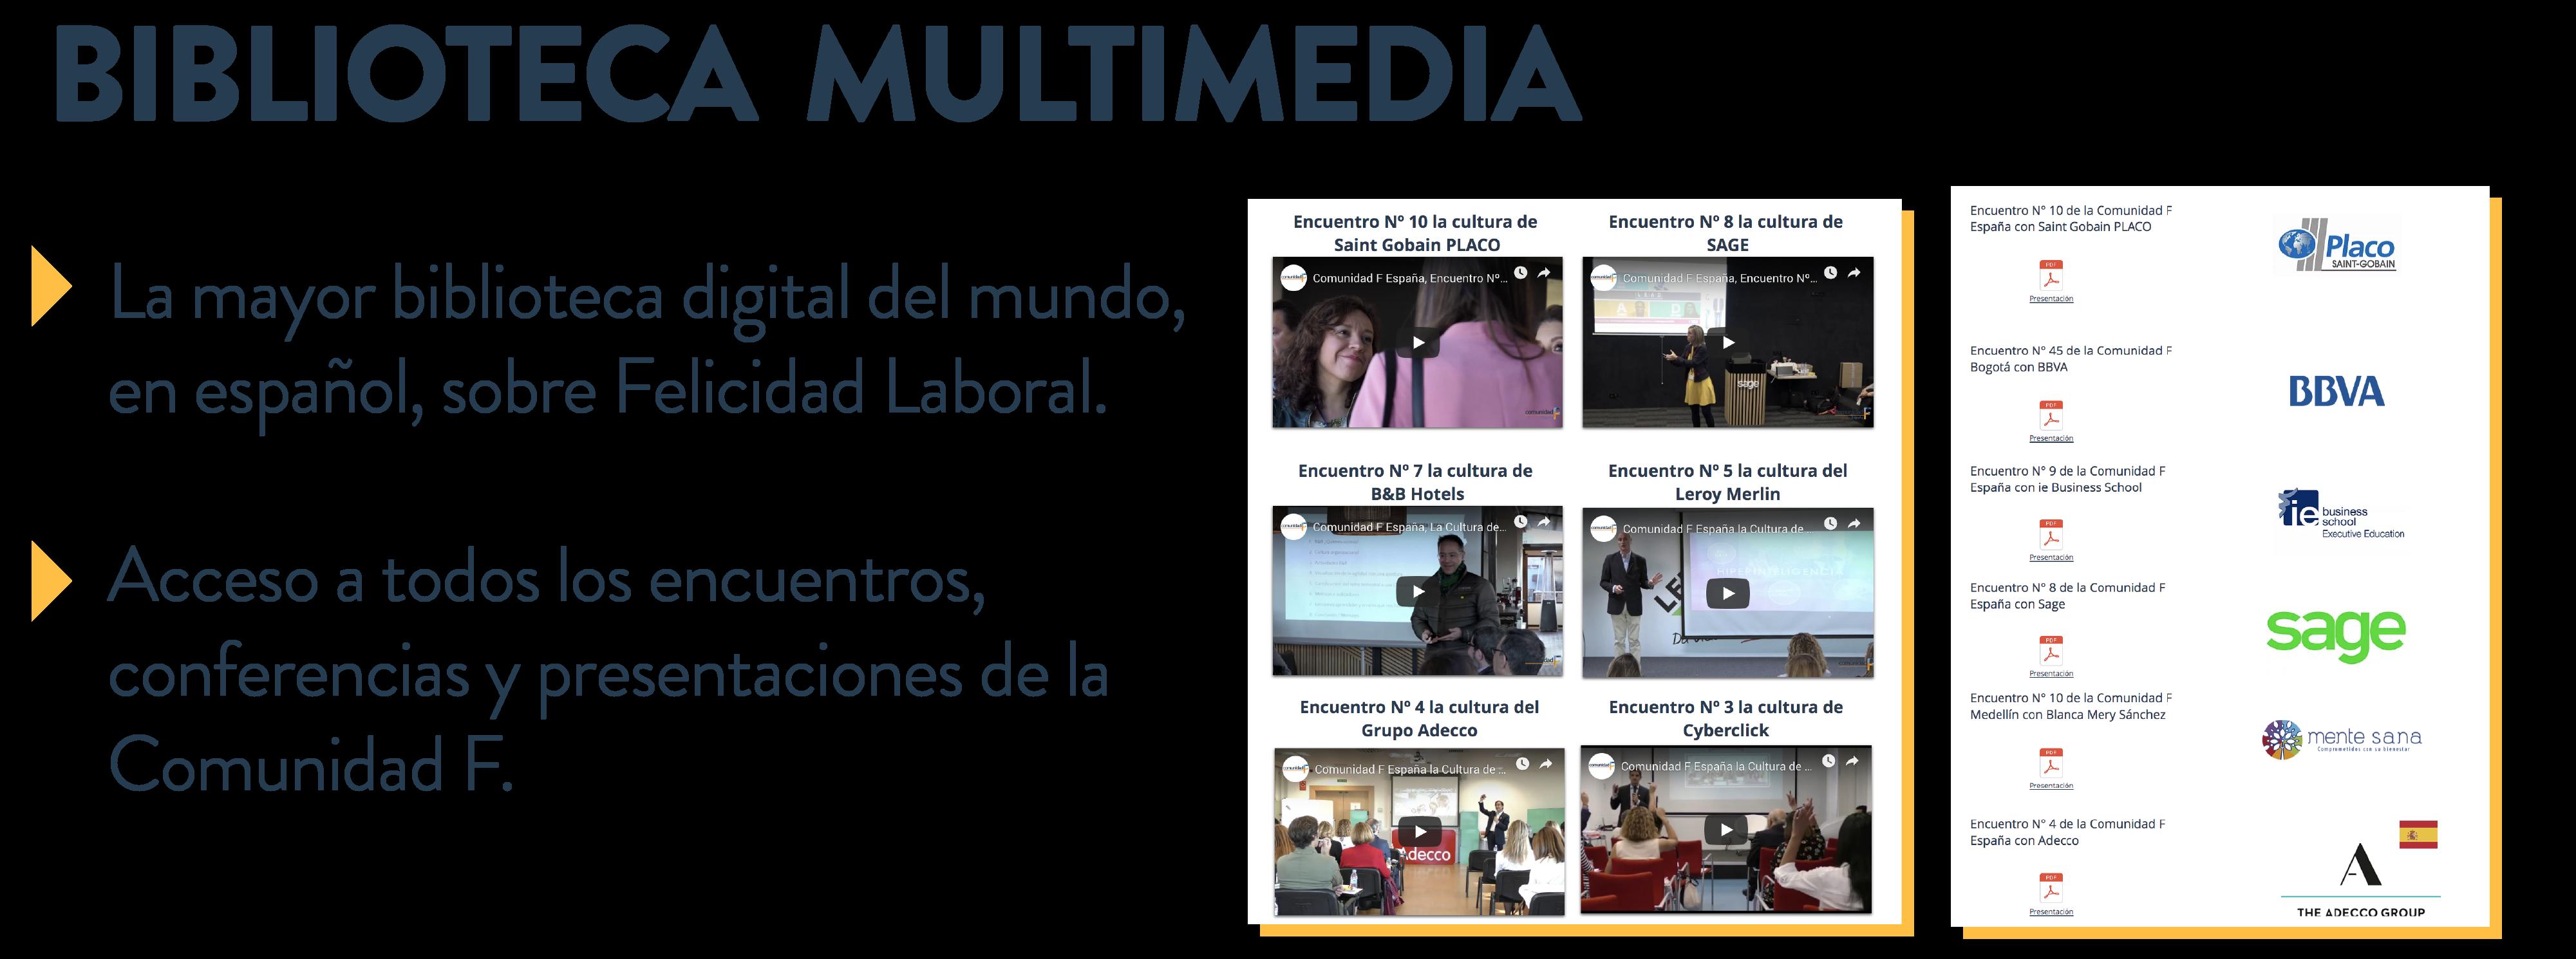 Multimedia comunidad F